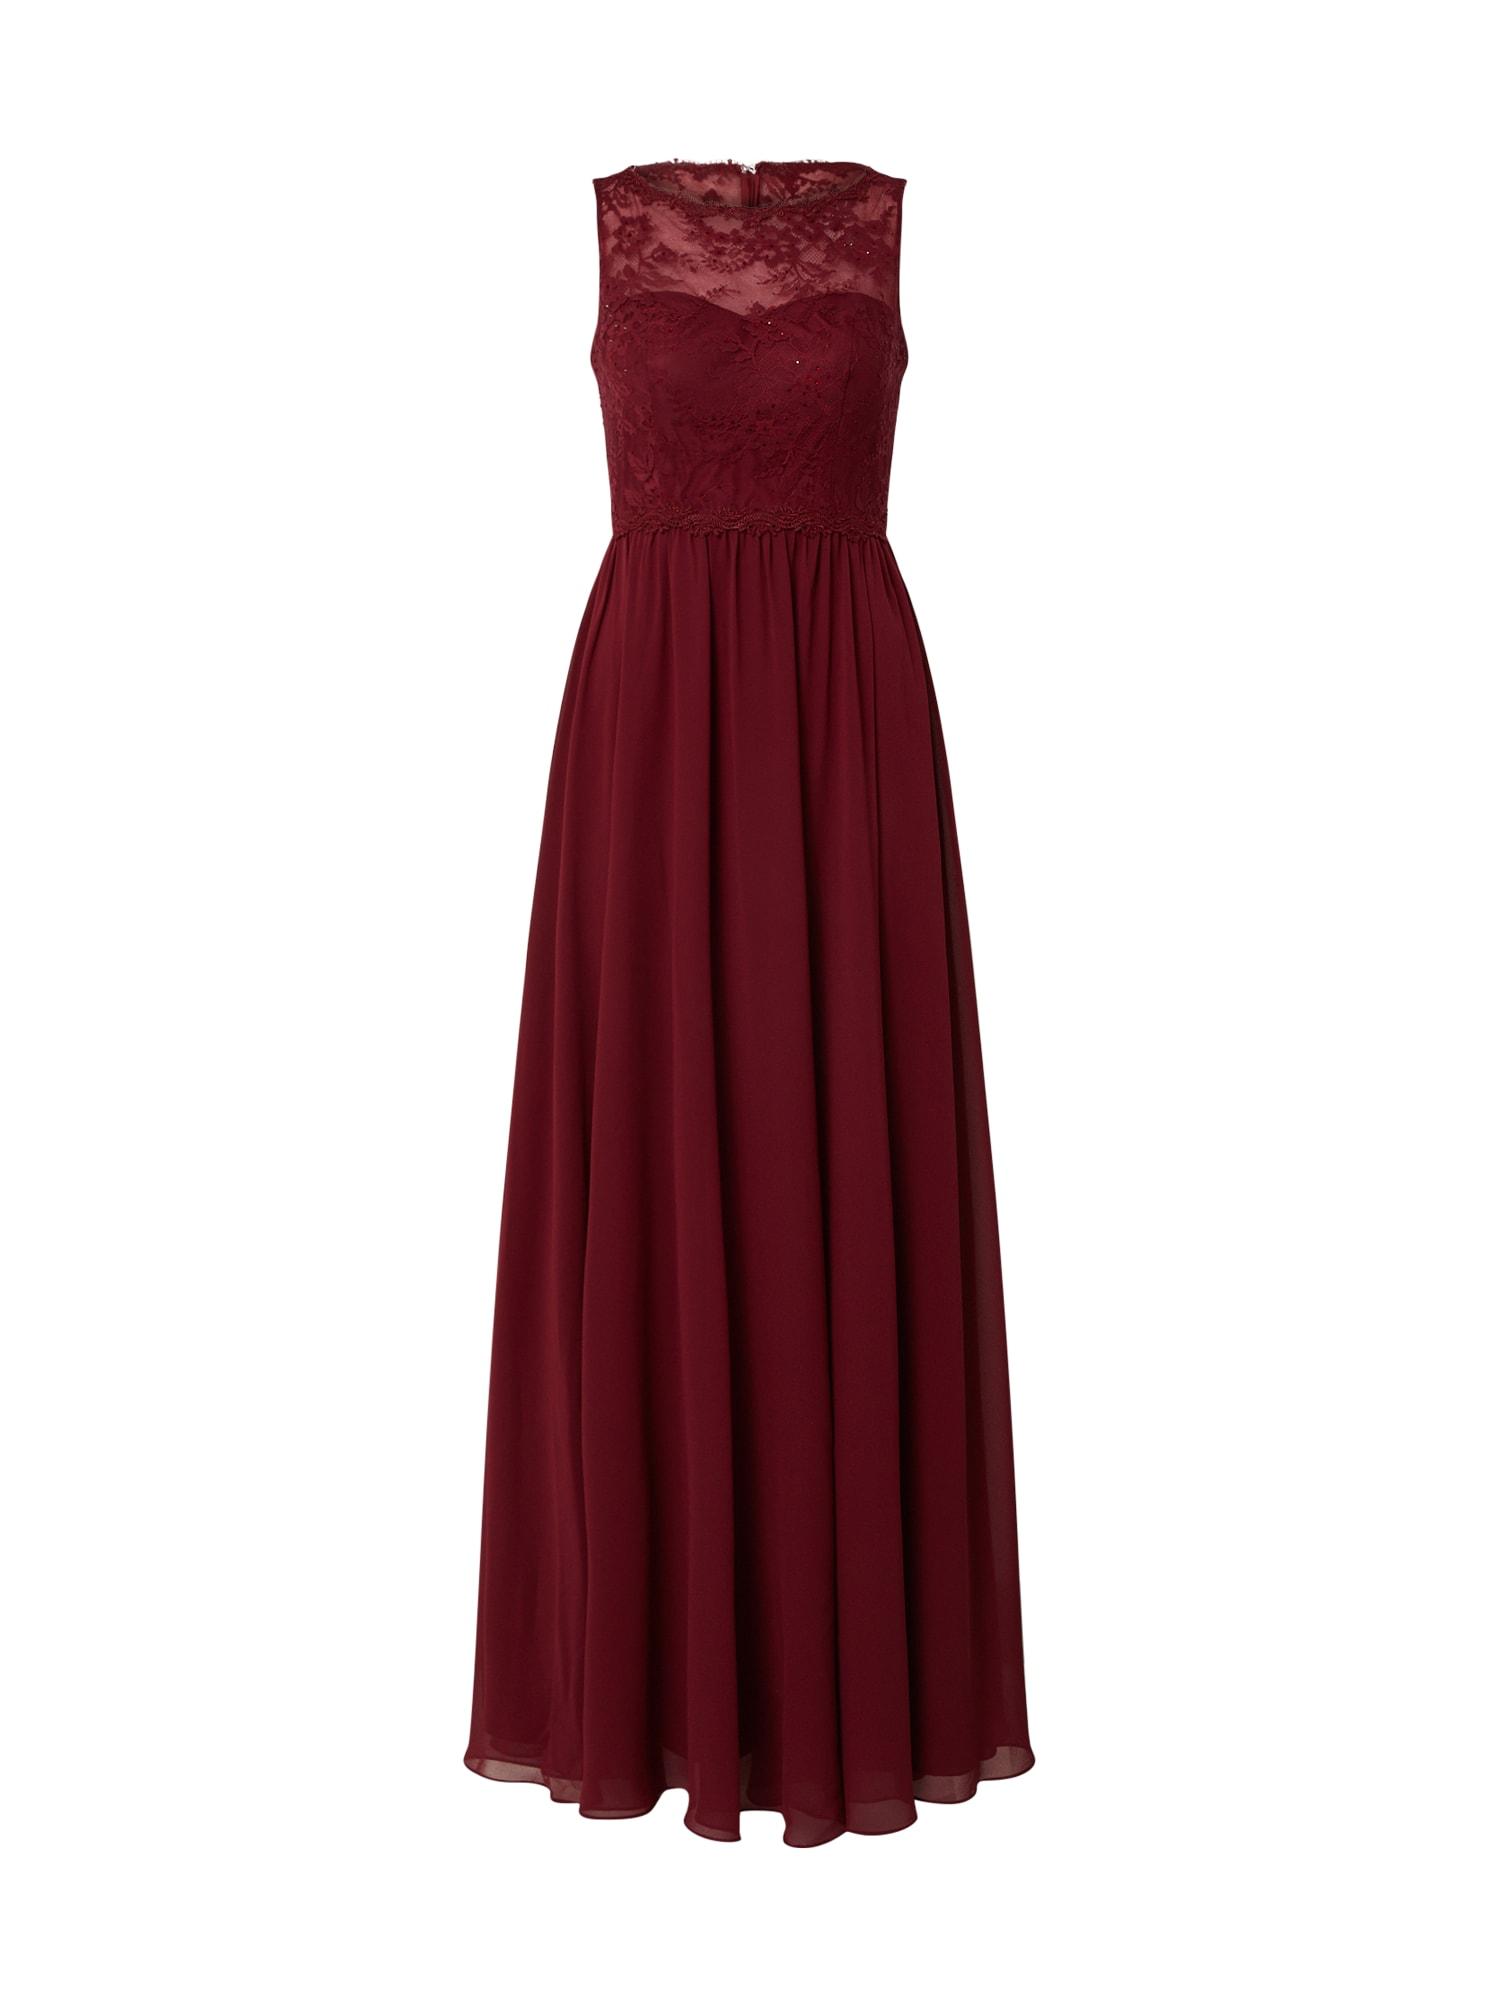 MAGIC NIGHTS Suknelė vyno raudona spalva